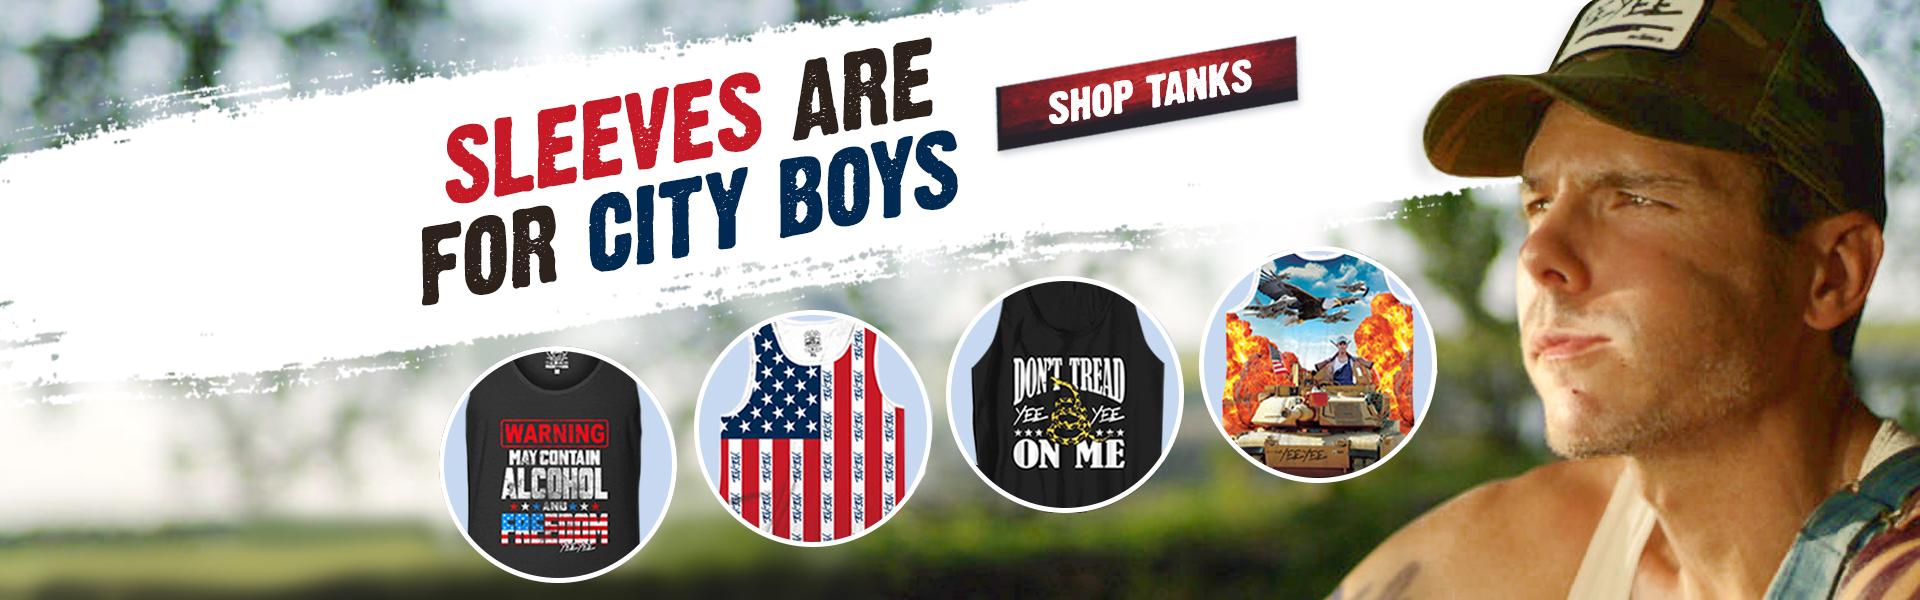 Tanks2018